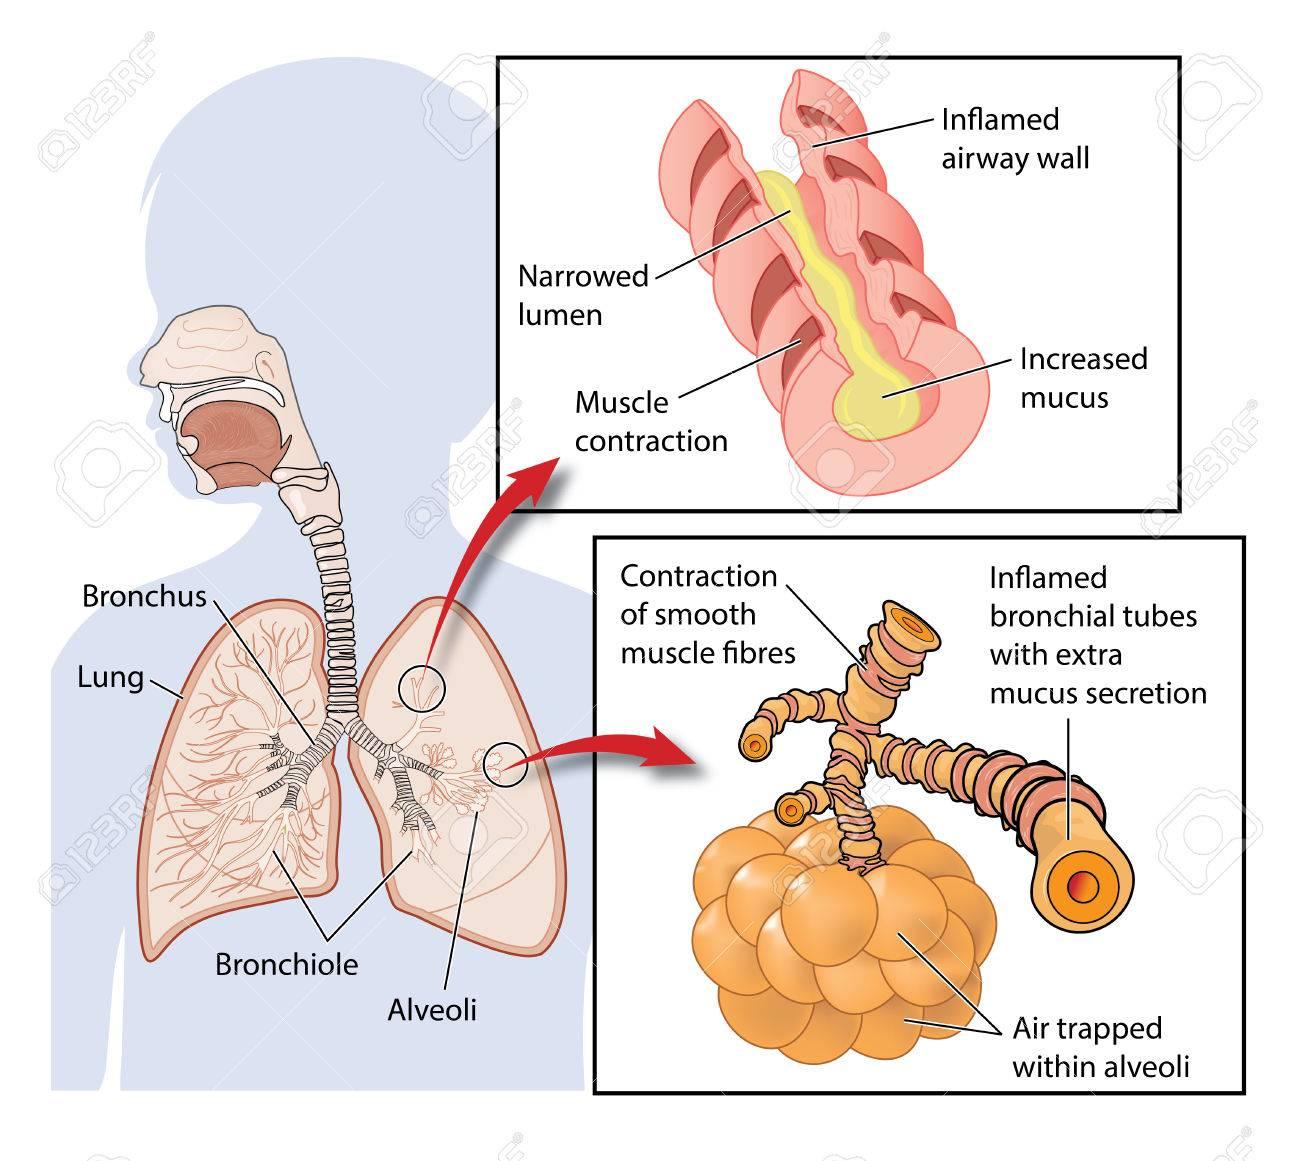 Querschnitt Durch Die Lunge Zeigt Entzündete Atemwege Und Gefangene ...